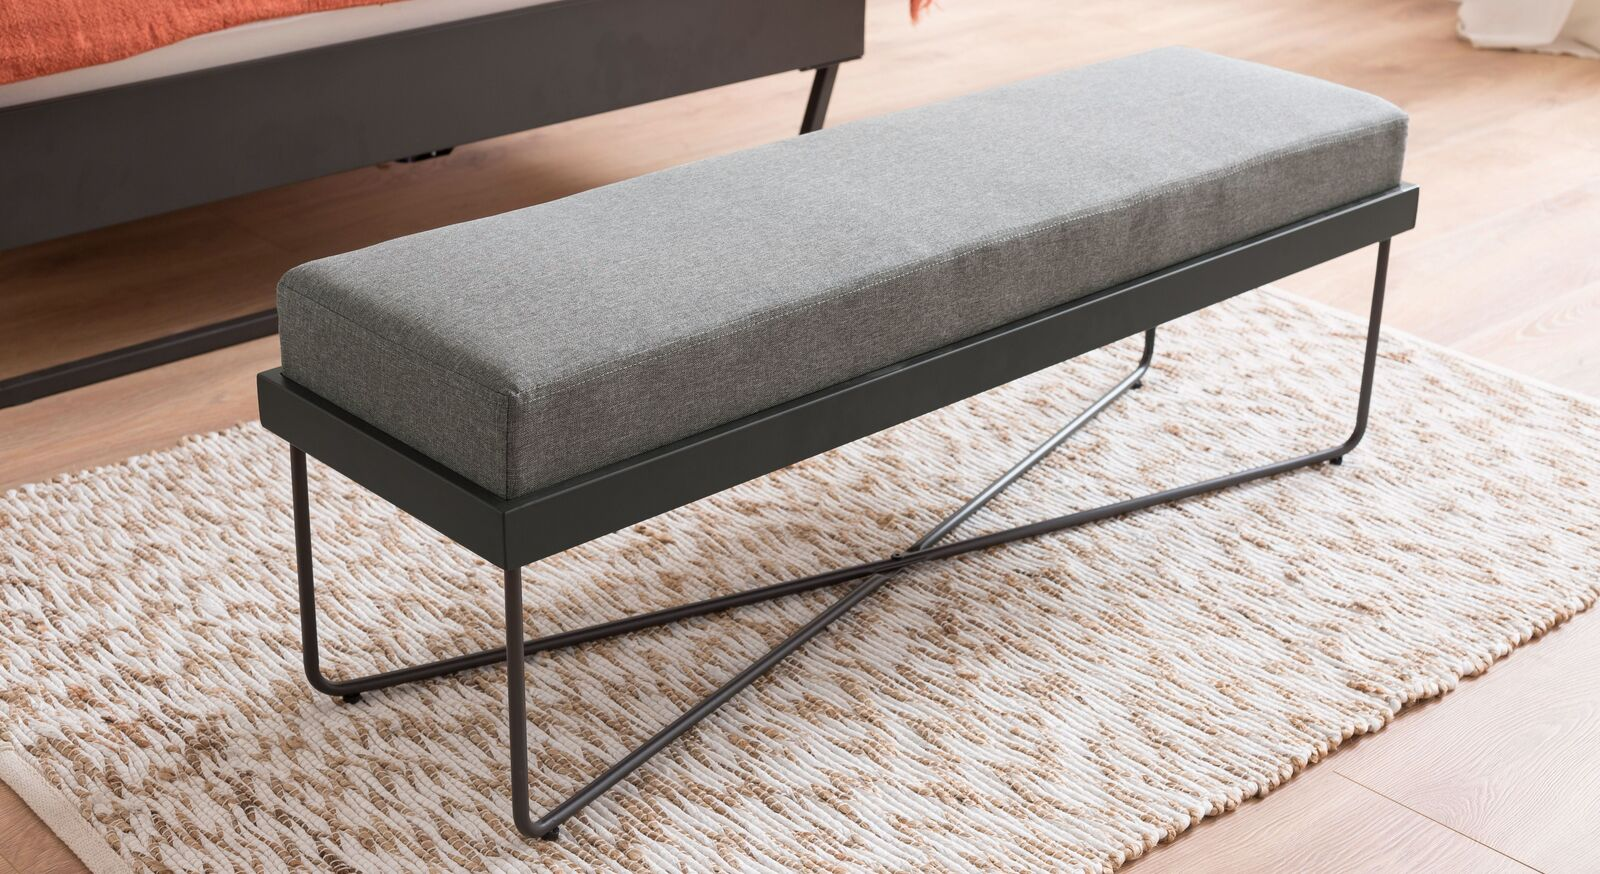 Bettbank Vegeta mit komfortablem Sitzpolster